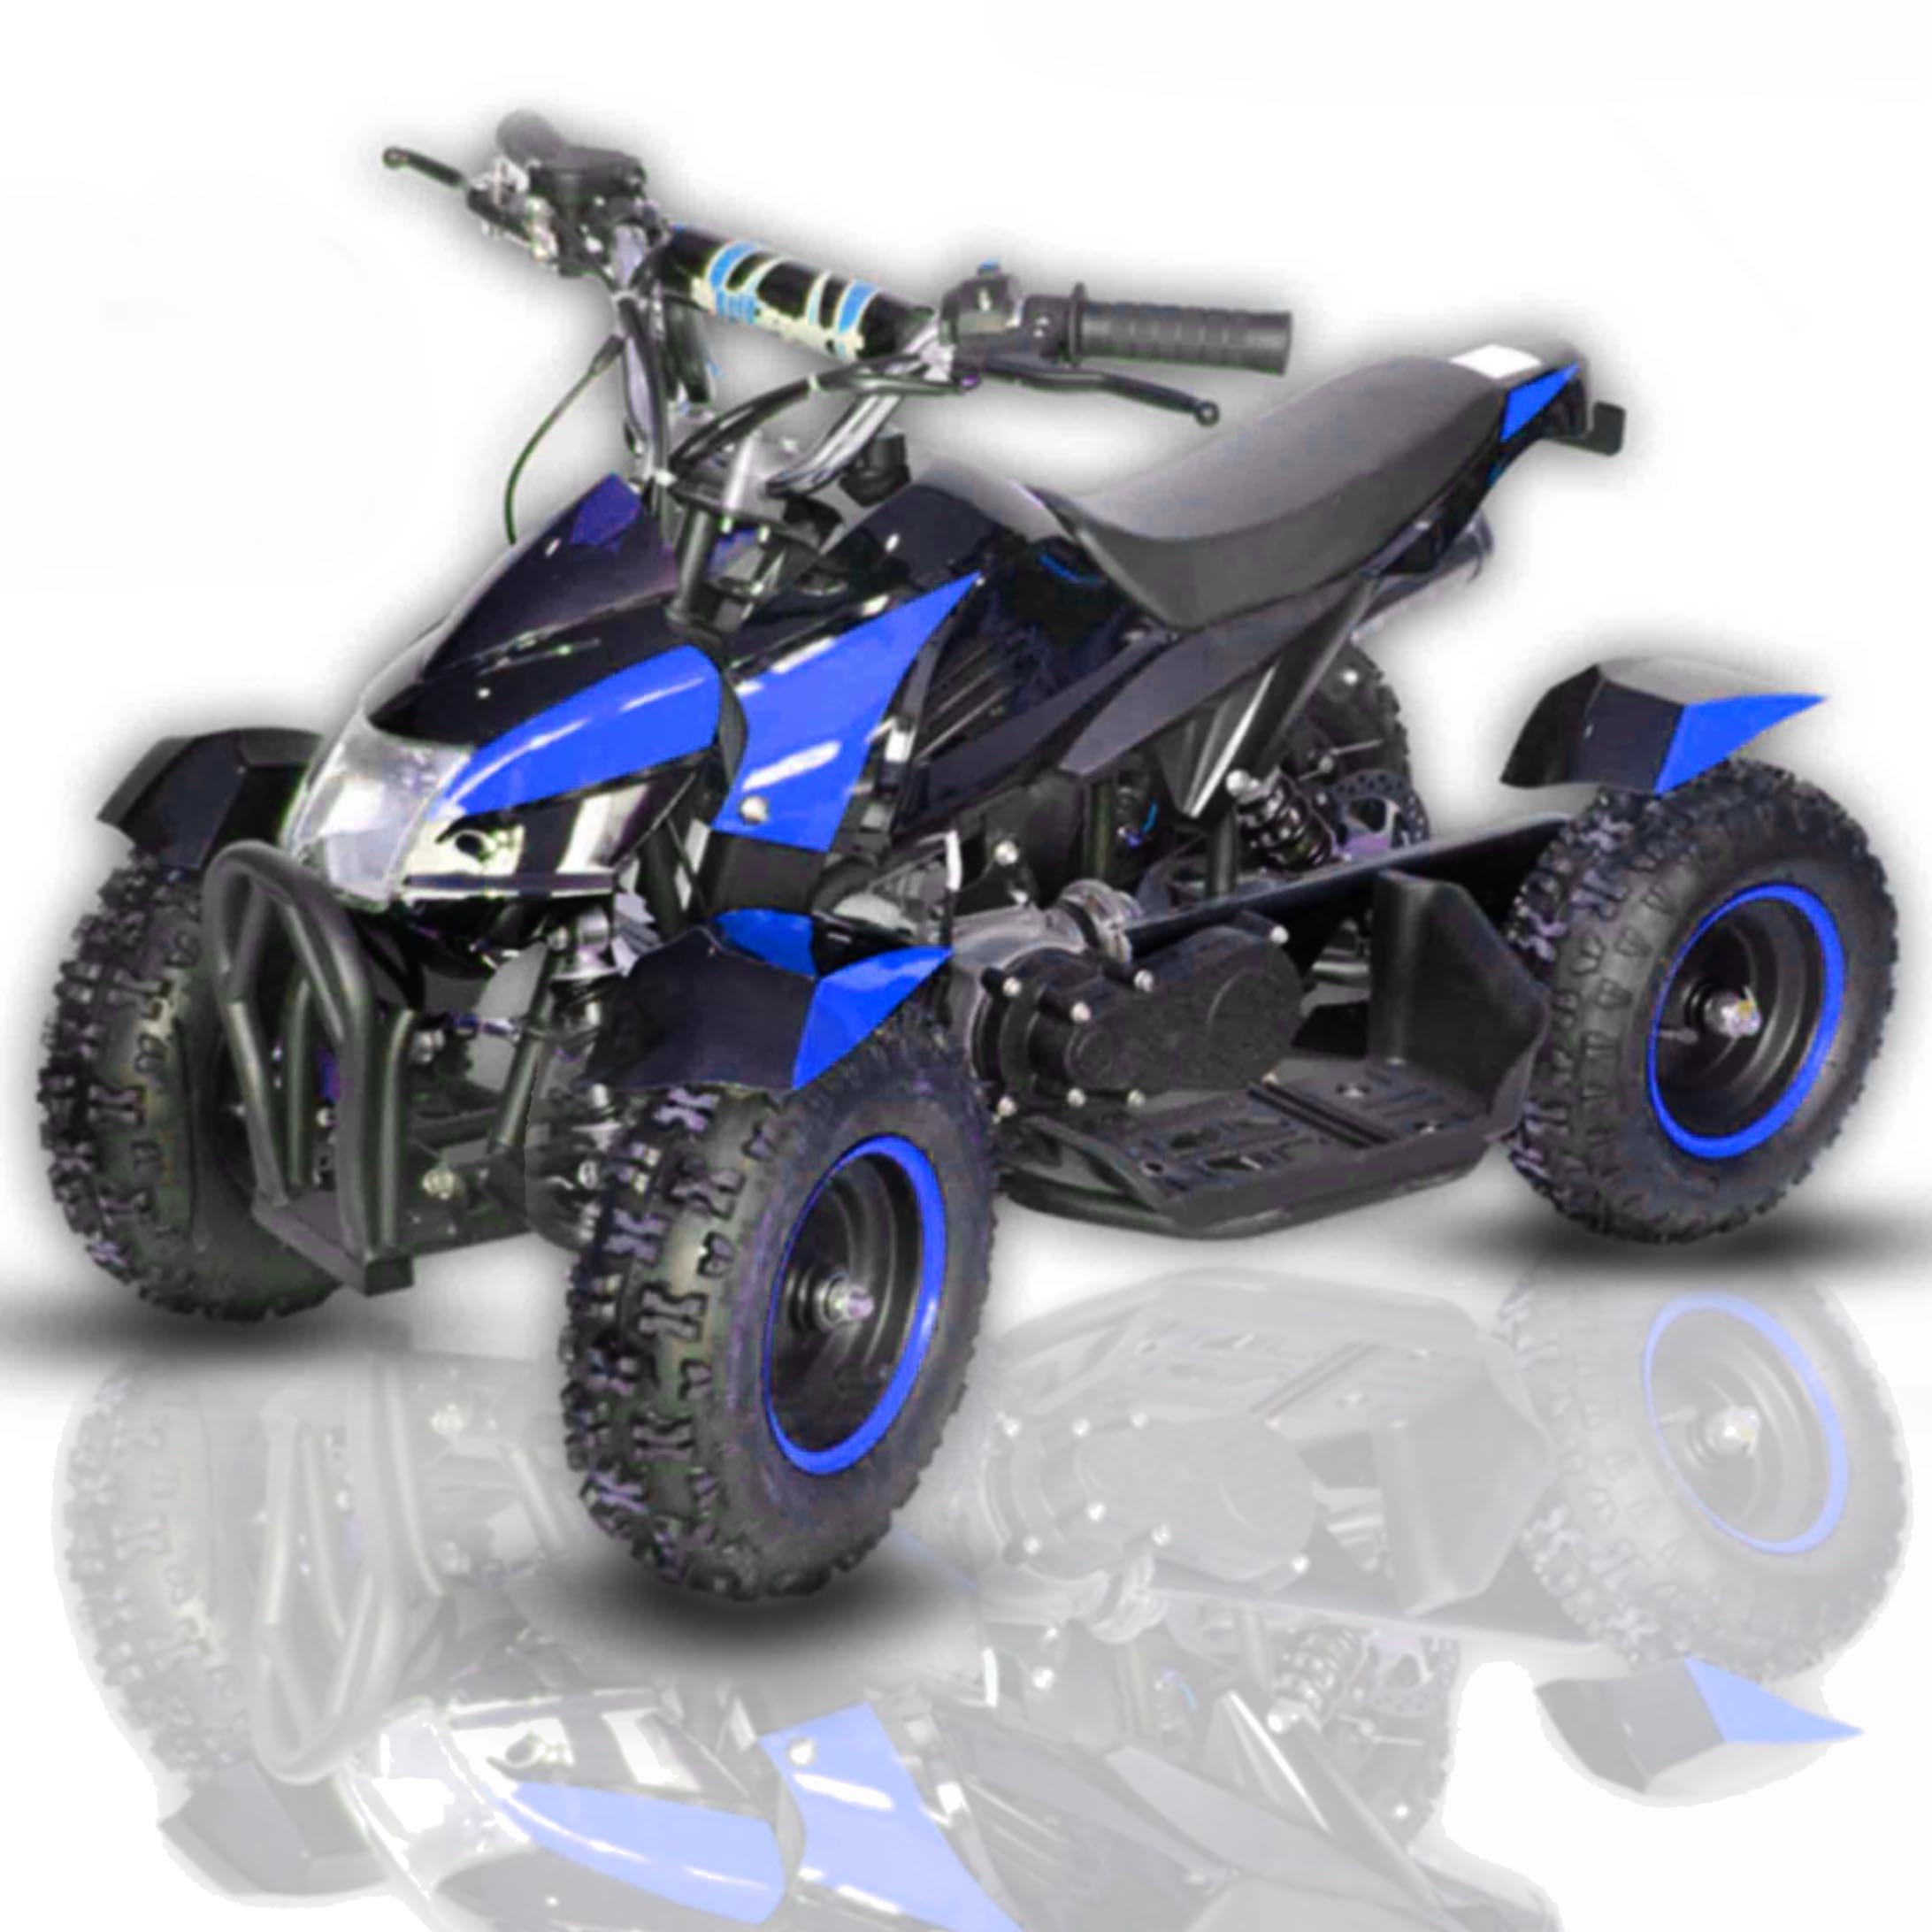 3_Miniquad20WR82050cc.jpg